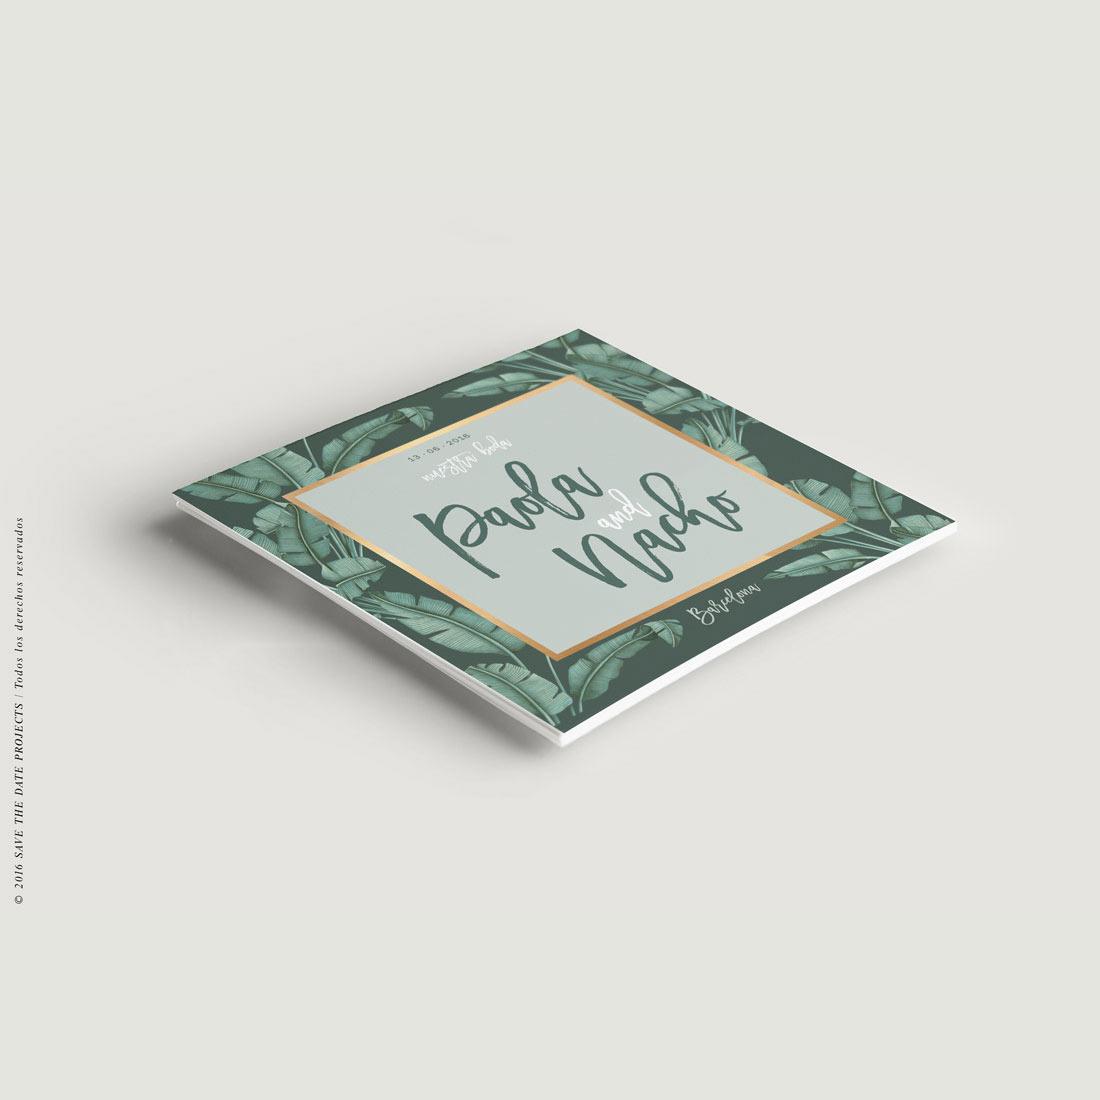 invitaciones-de-boda-originales-TROPICAL-PLATANERA-verde-dorado-CUADRADA-ANV